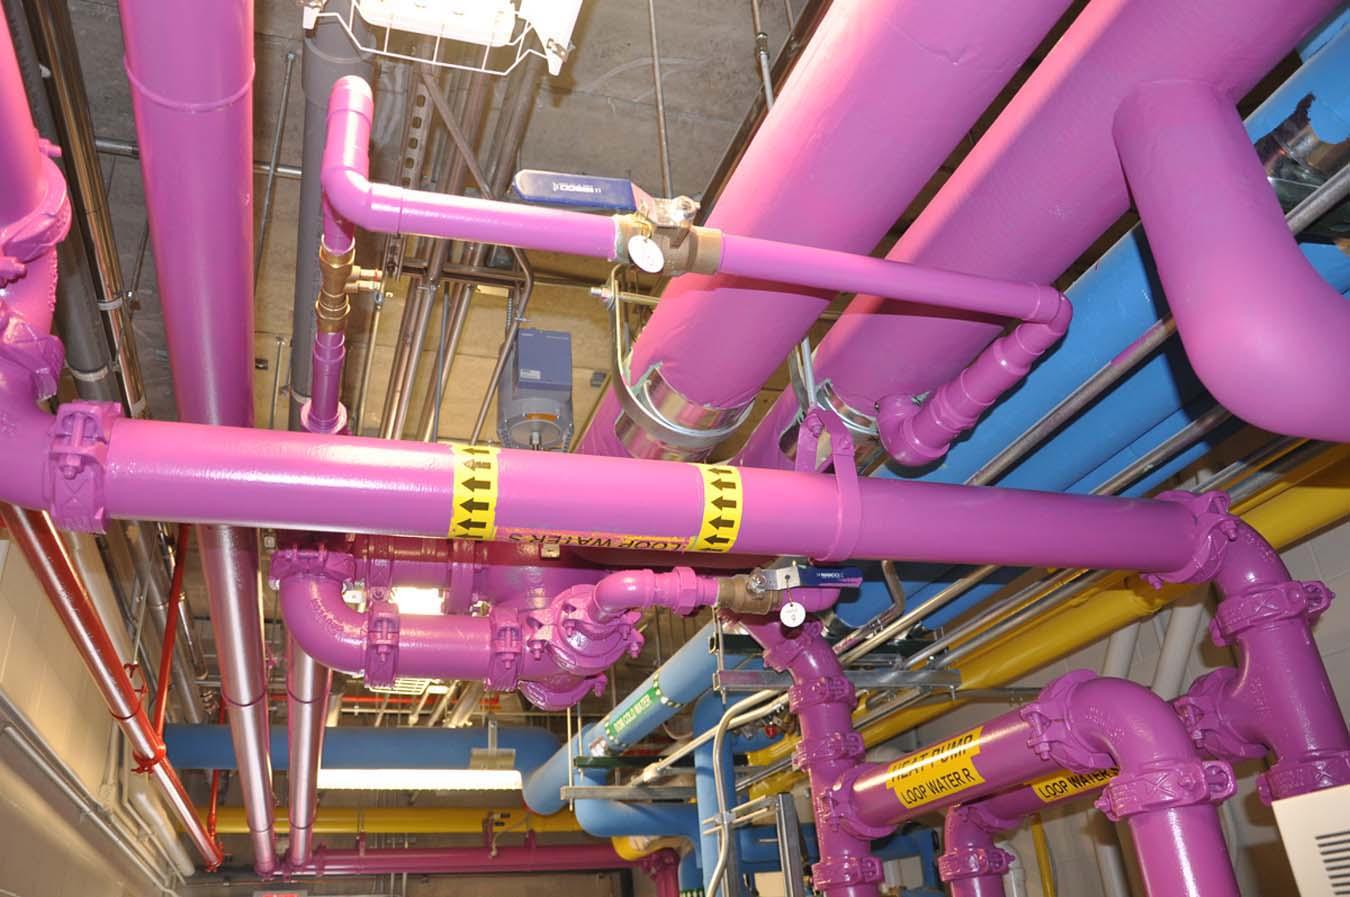 NYPA Heat Loop